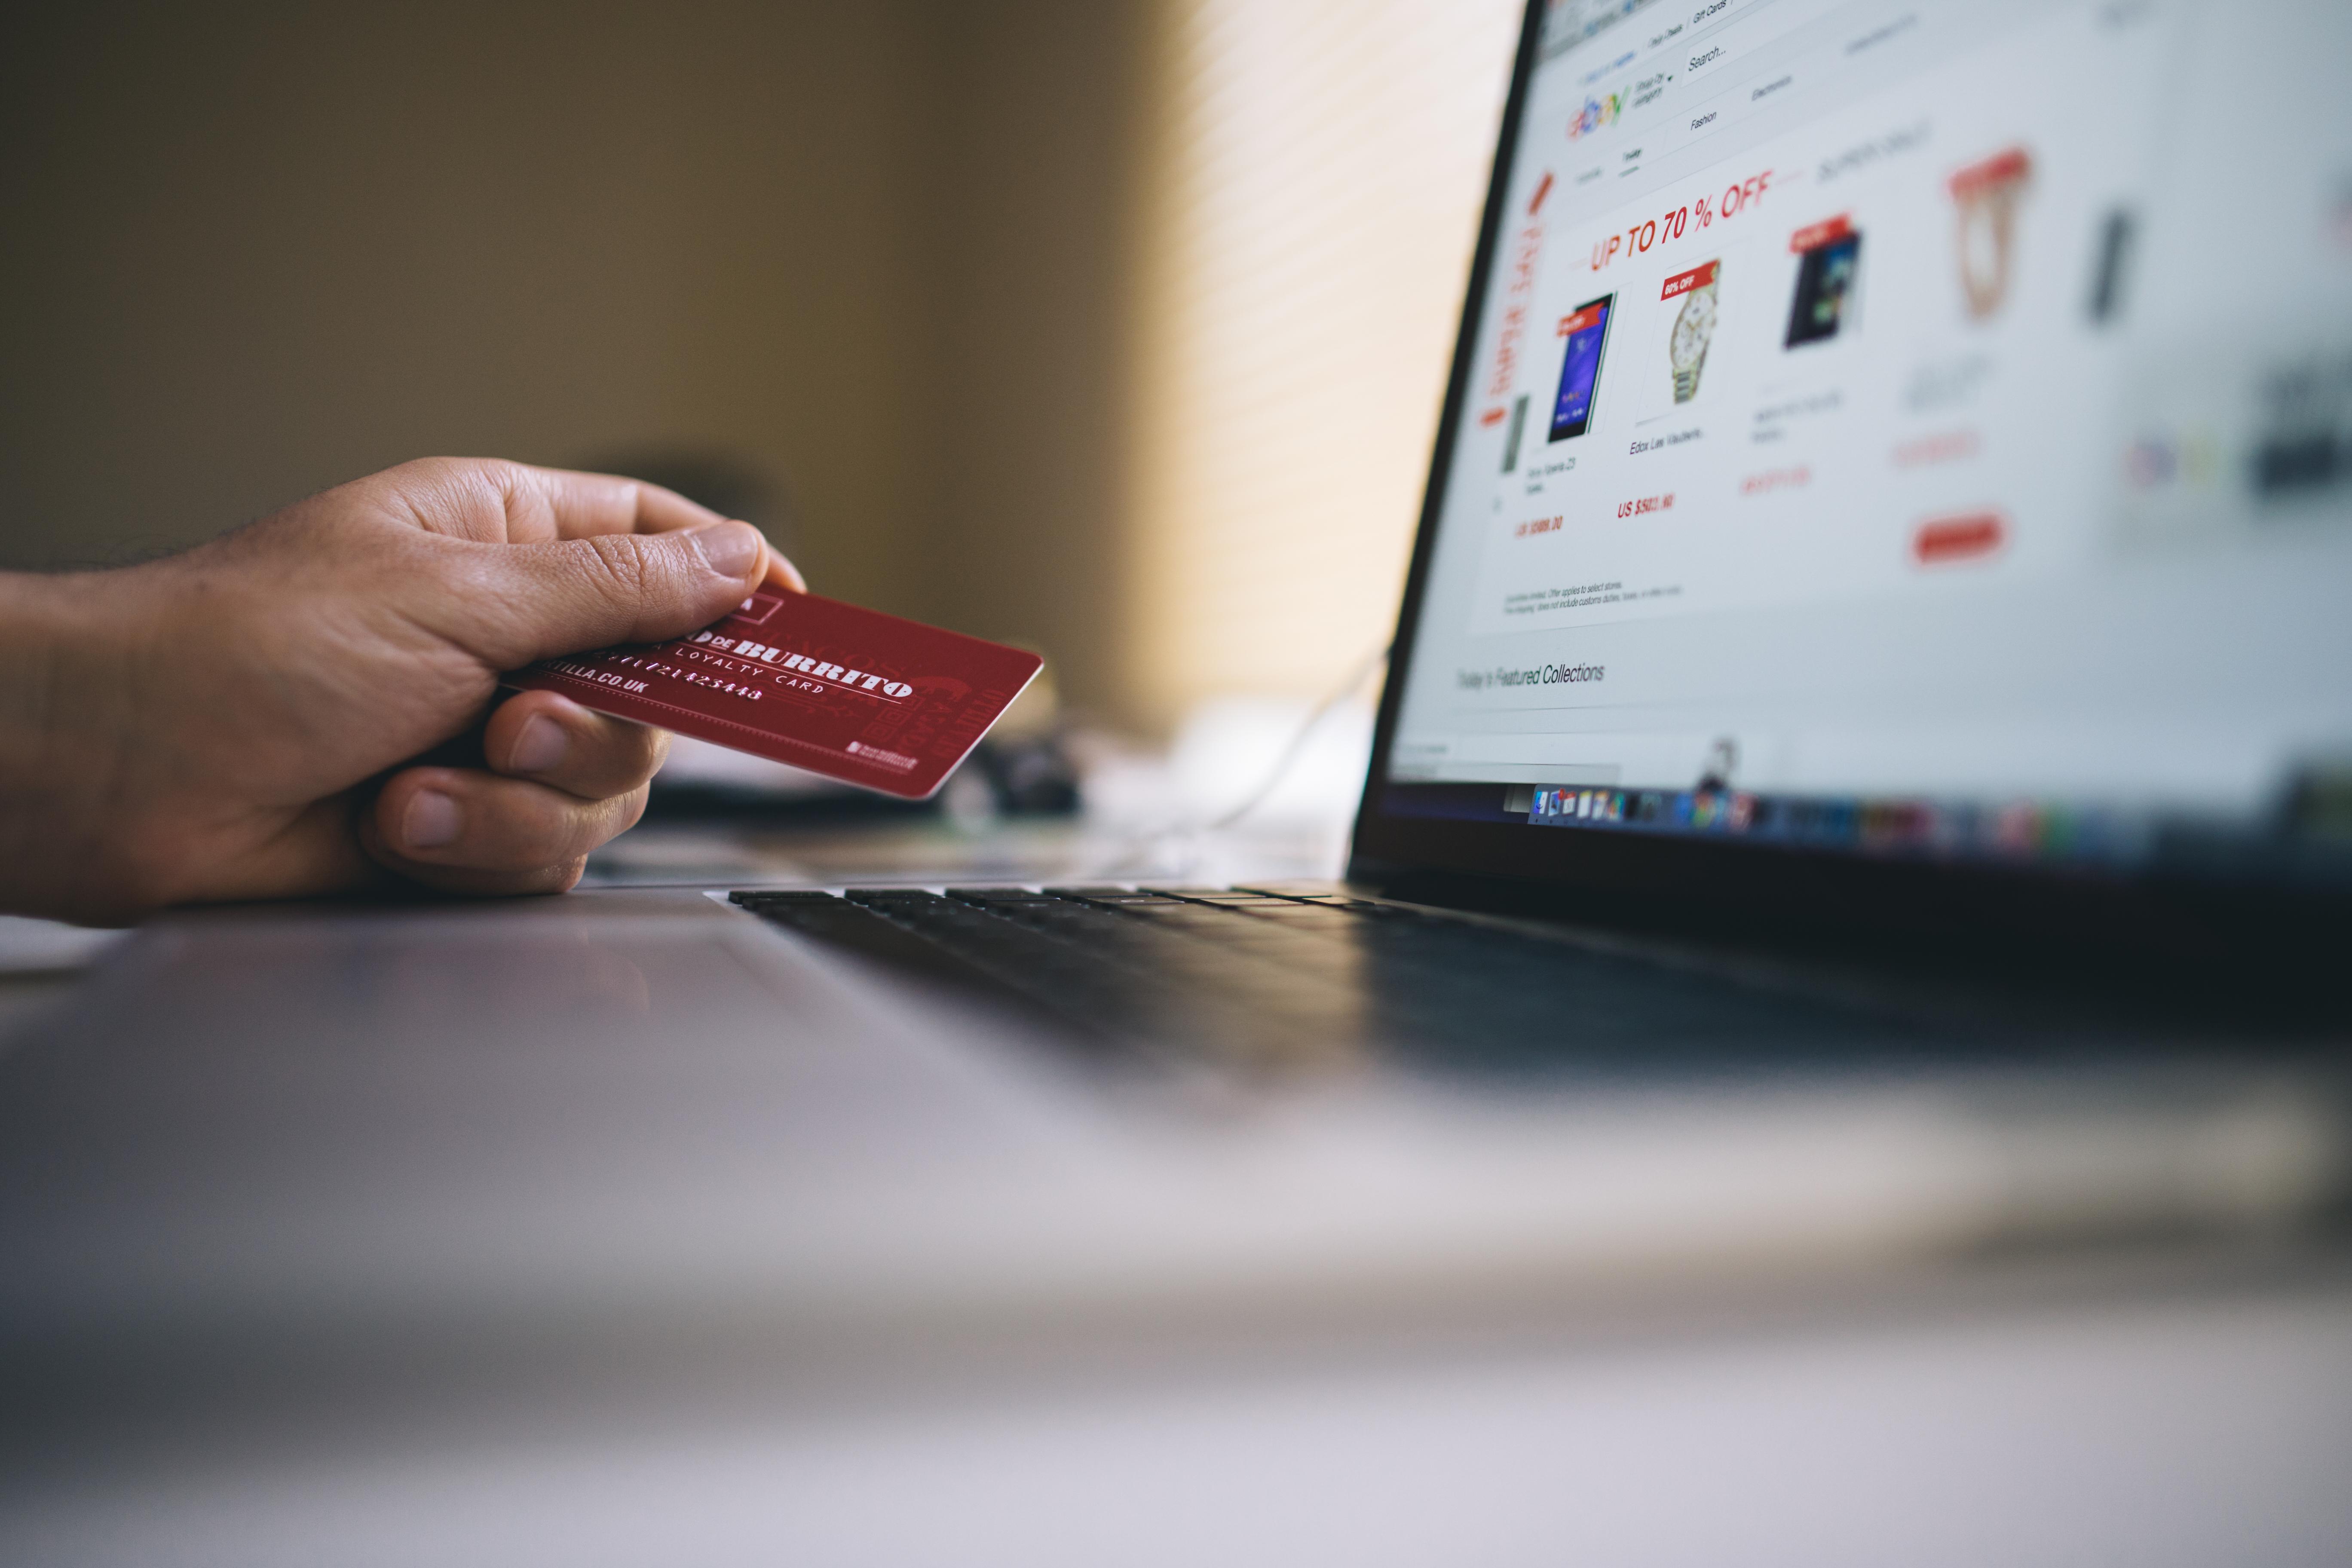 mistaken payments